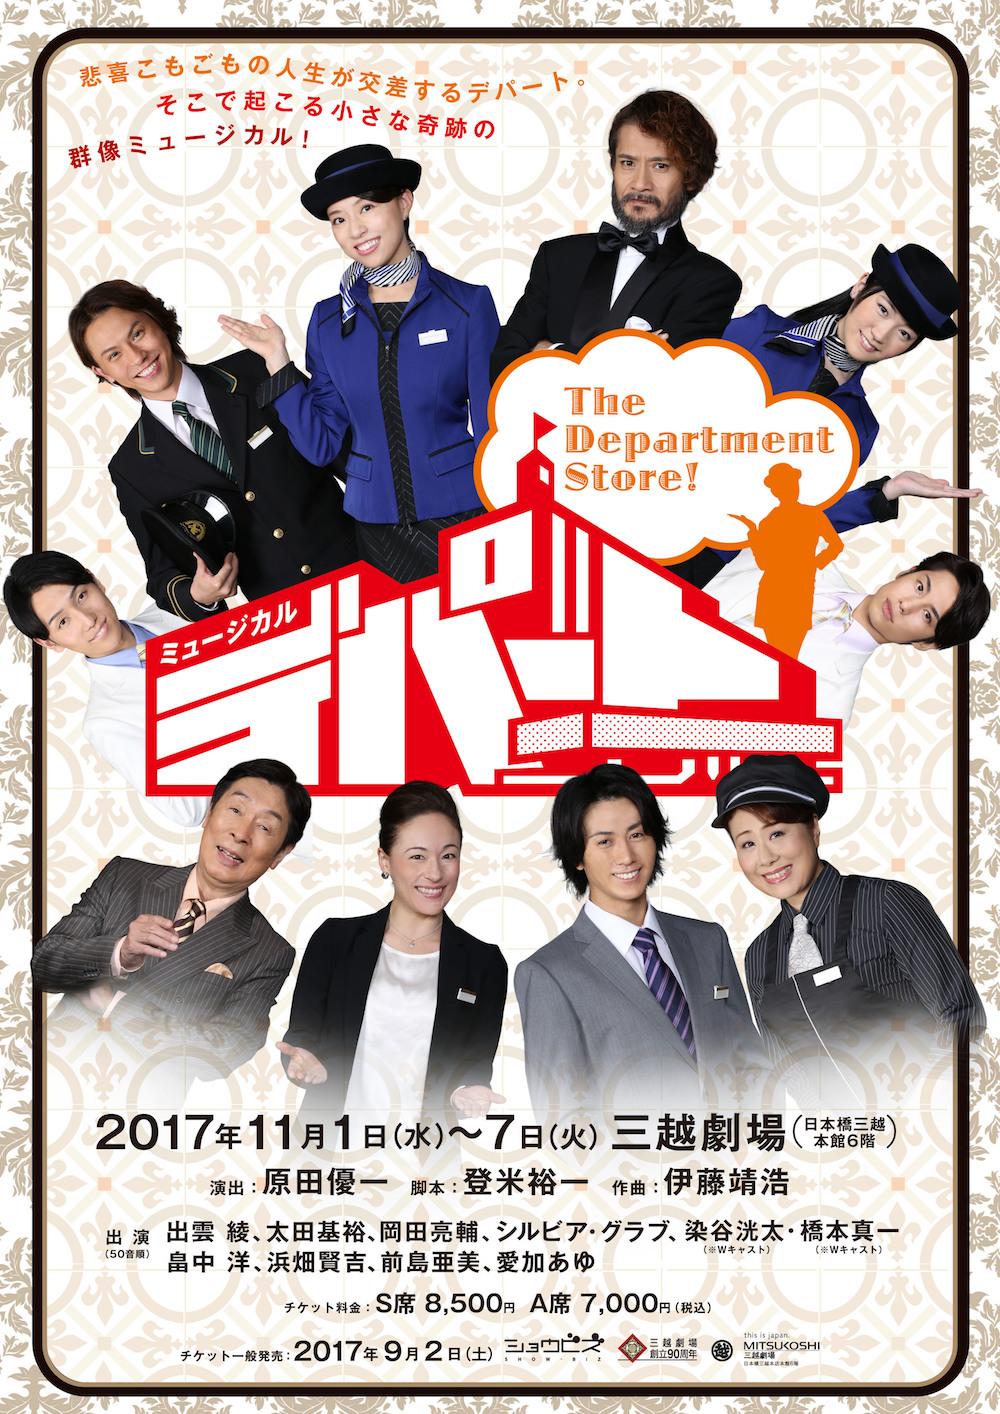 前島亜美 出演!新作オリジナルミュージカル『デパート!』